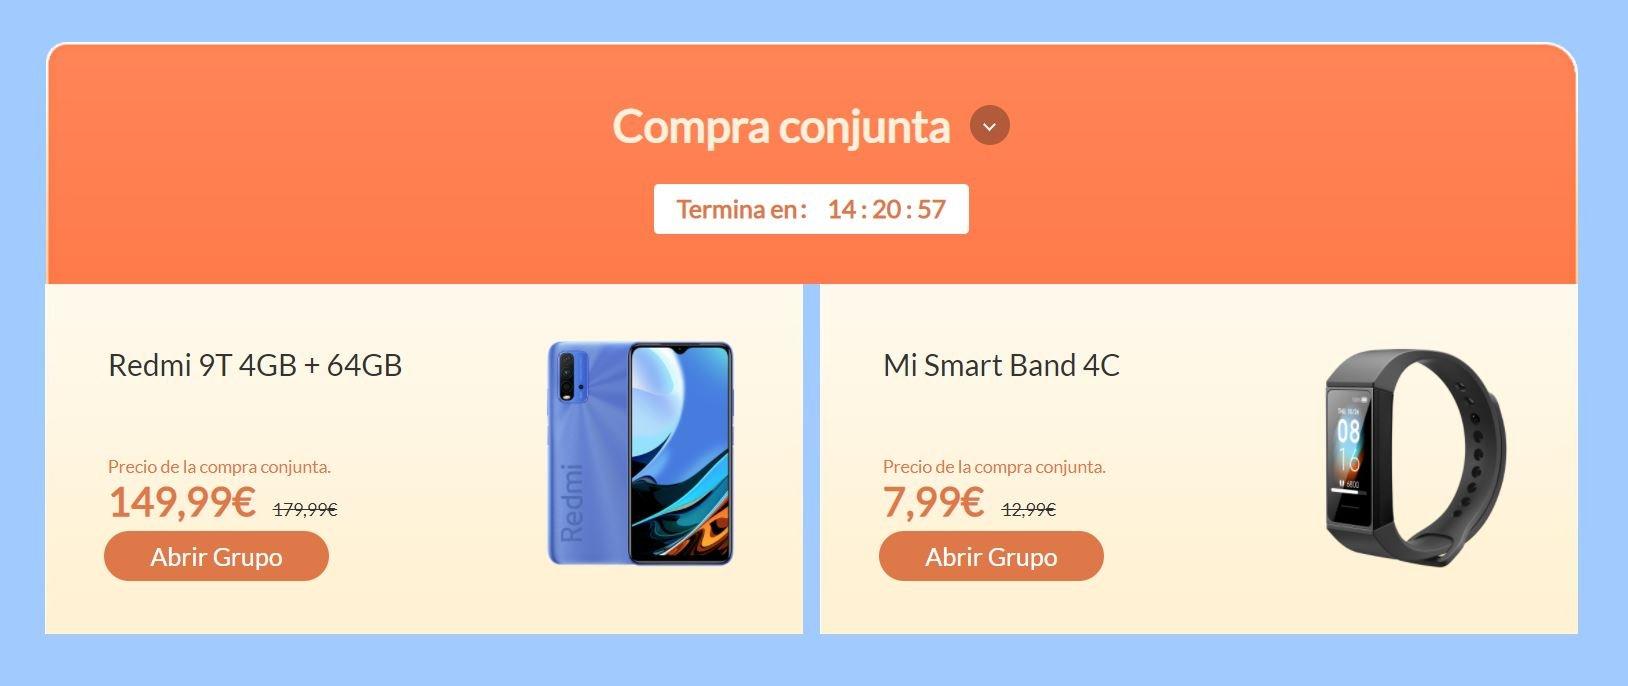 Neue Angebote von Xiaomi, das Mi Fan Festival weiter zu feiern. Nachrichten Xiaomi Addicts